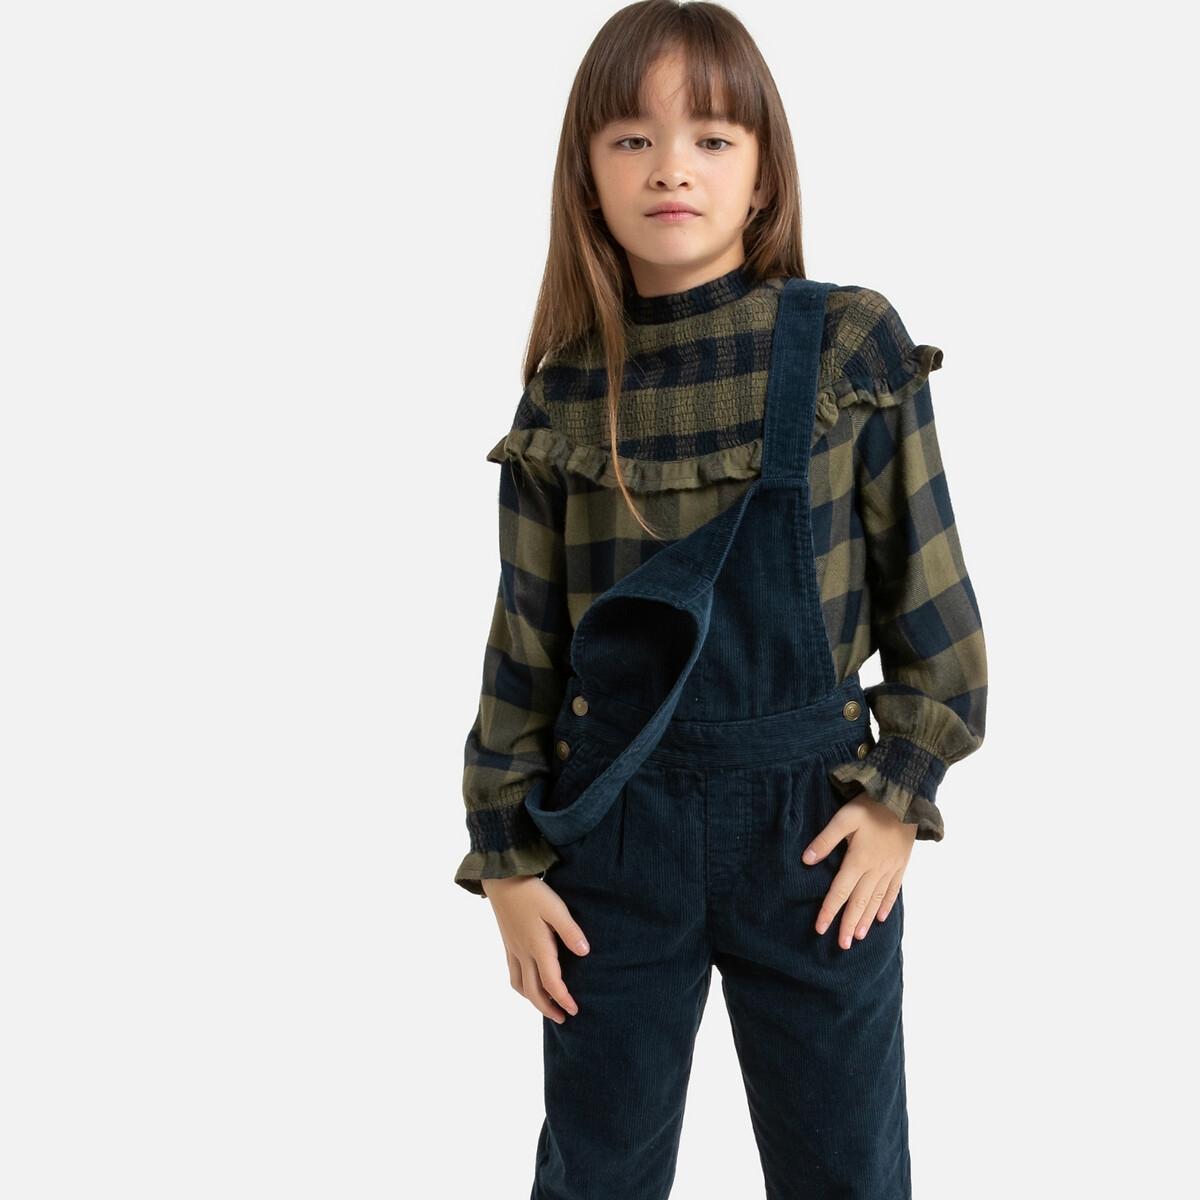 Блузка LaRedoute С длинными рукавами в клетку 3-12 лет 4 года - 102 см синий блузка laredoute с длинными рукавами и отделкой макраме 3 12 лет 4 года 102 см бежевый